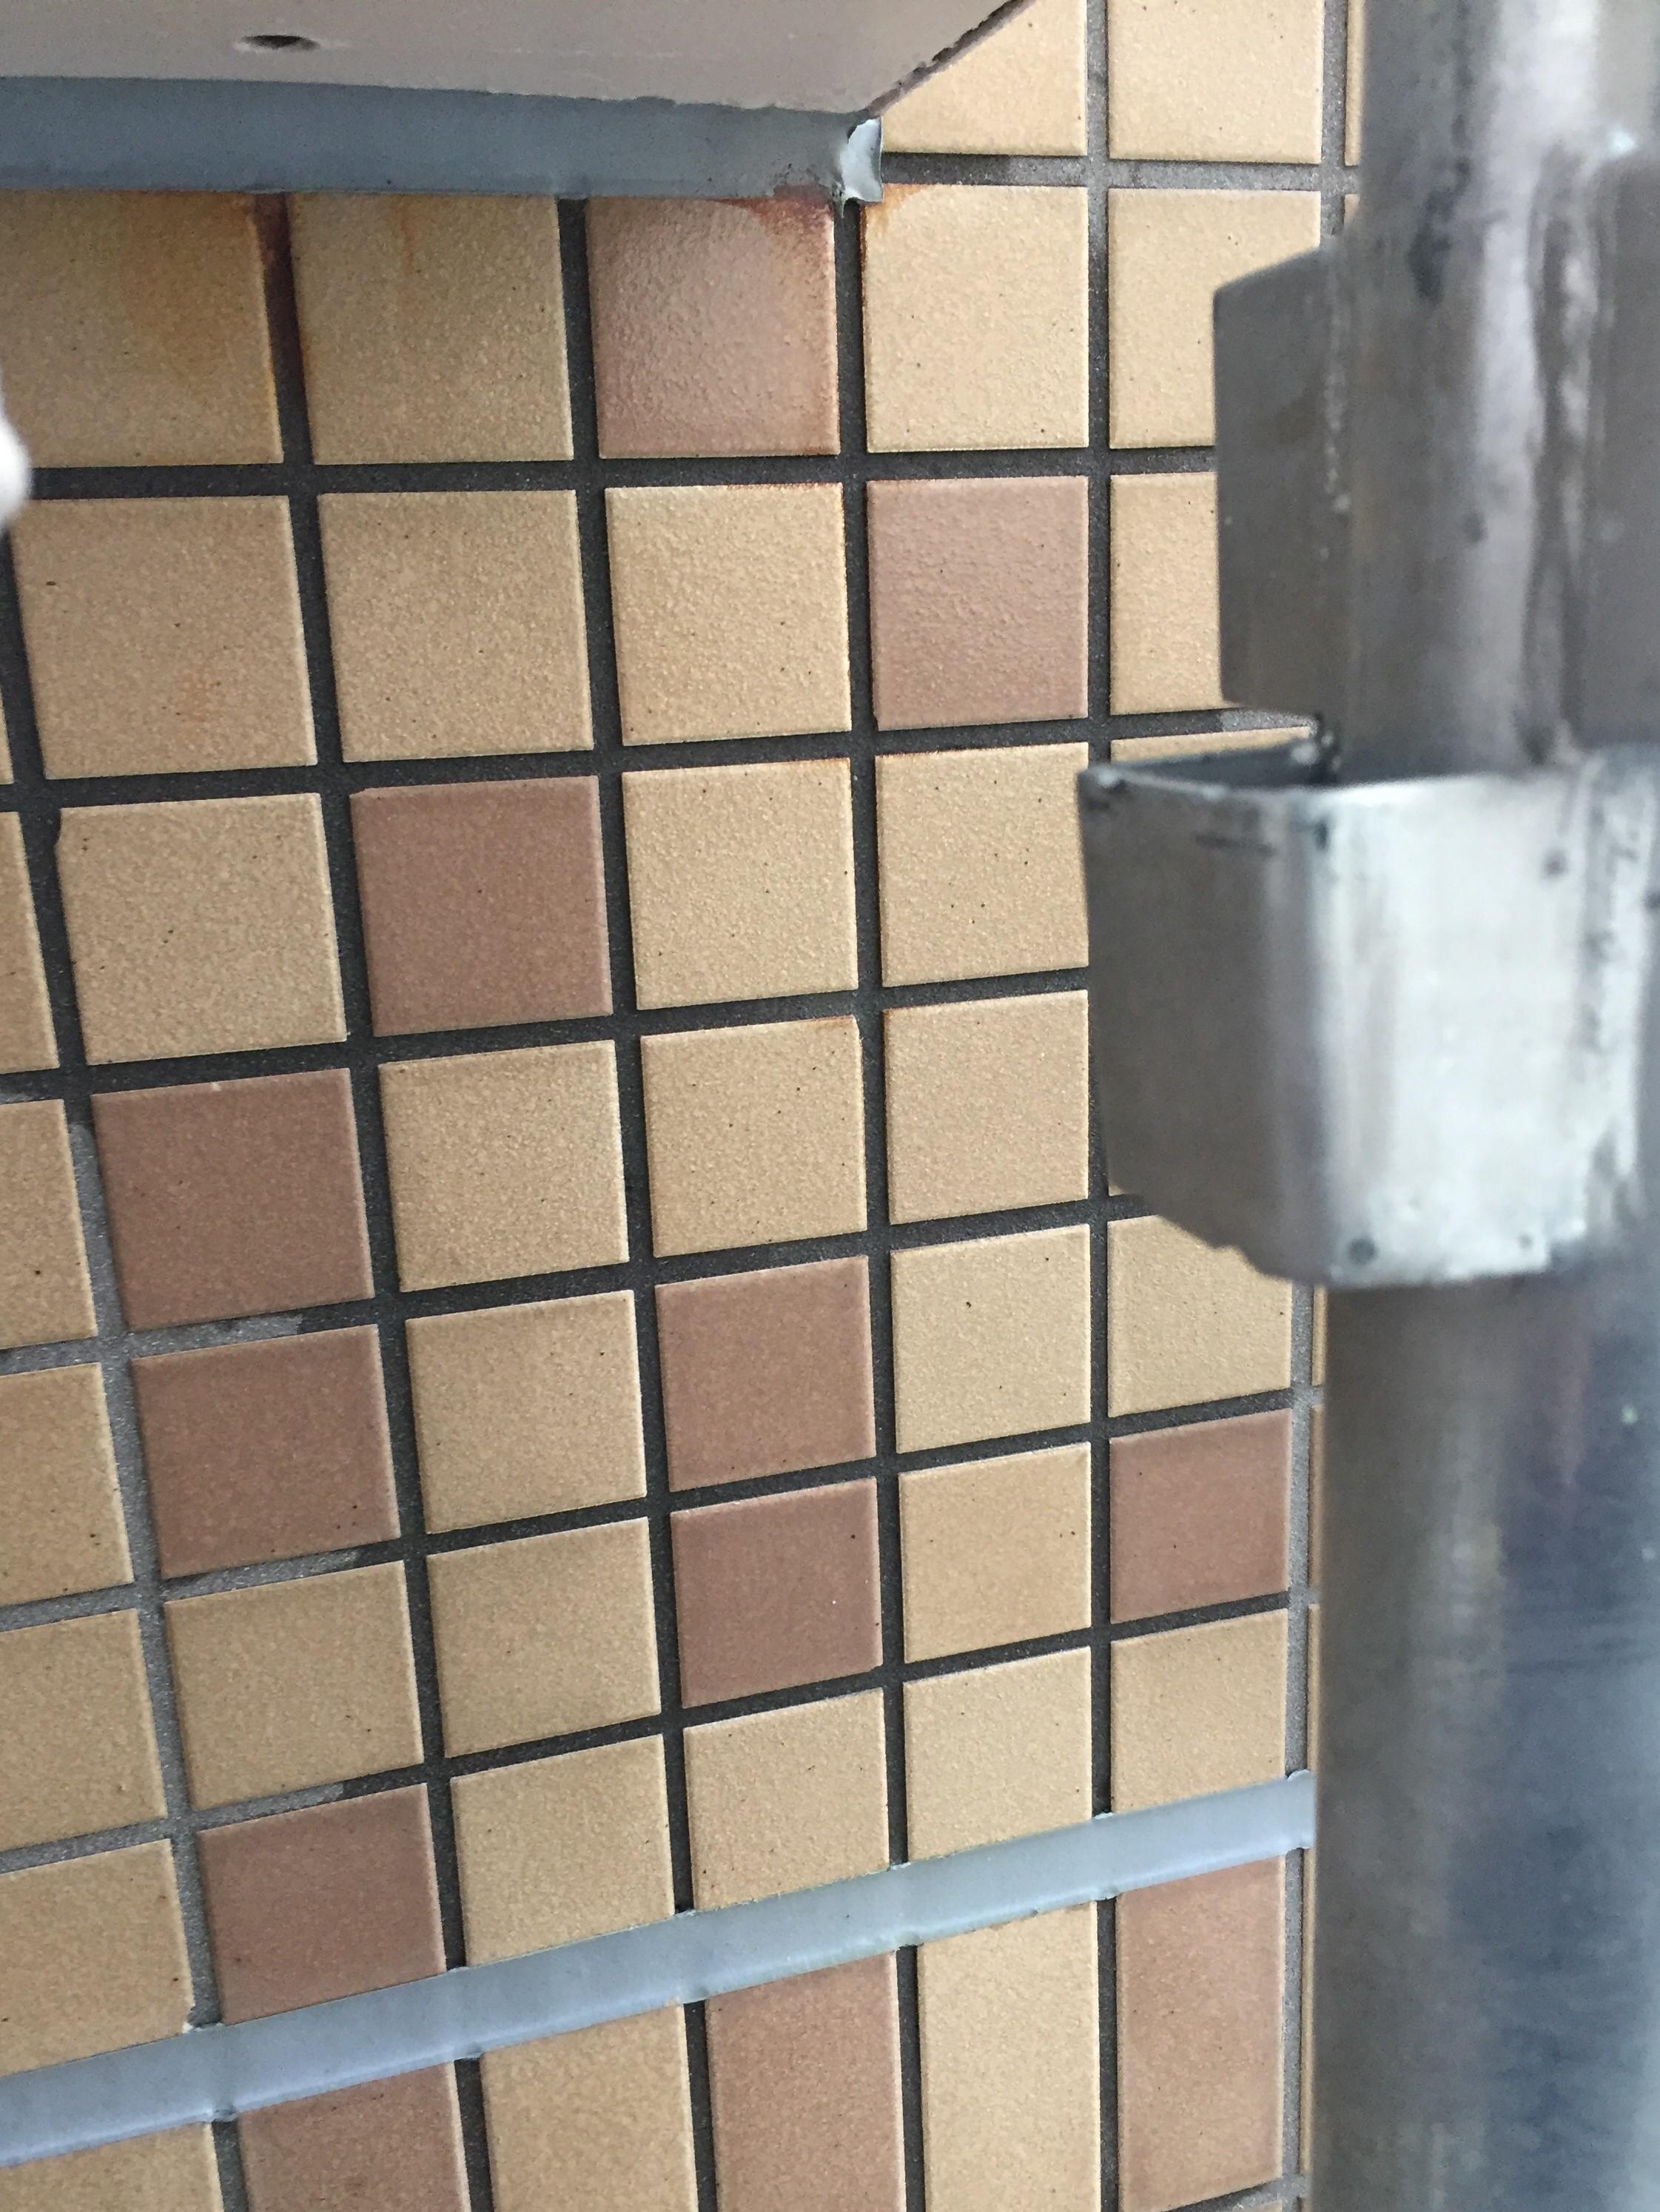 外壁タイルのサビ取り、なかなか汚れが落ちない場合は?放っておくとますます落ちにくくなる場合 おそうじプラスにお任せください。